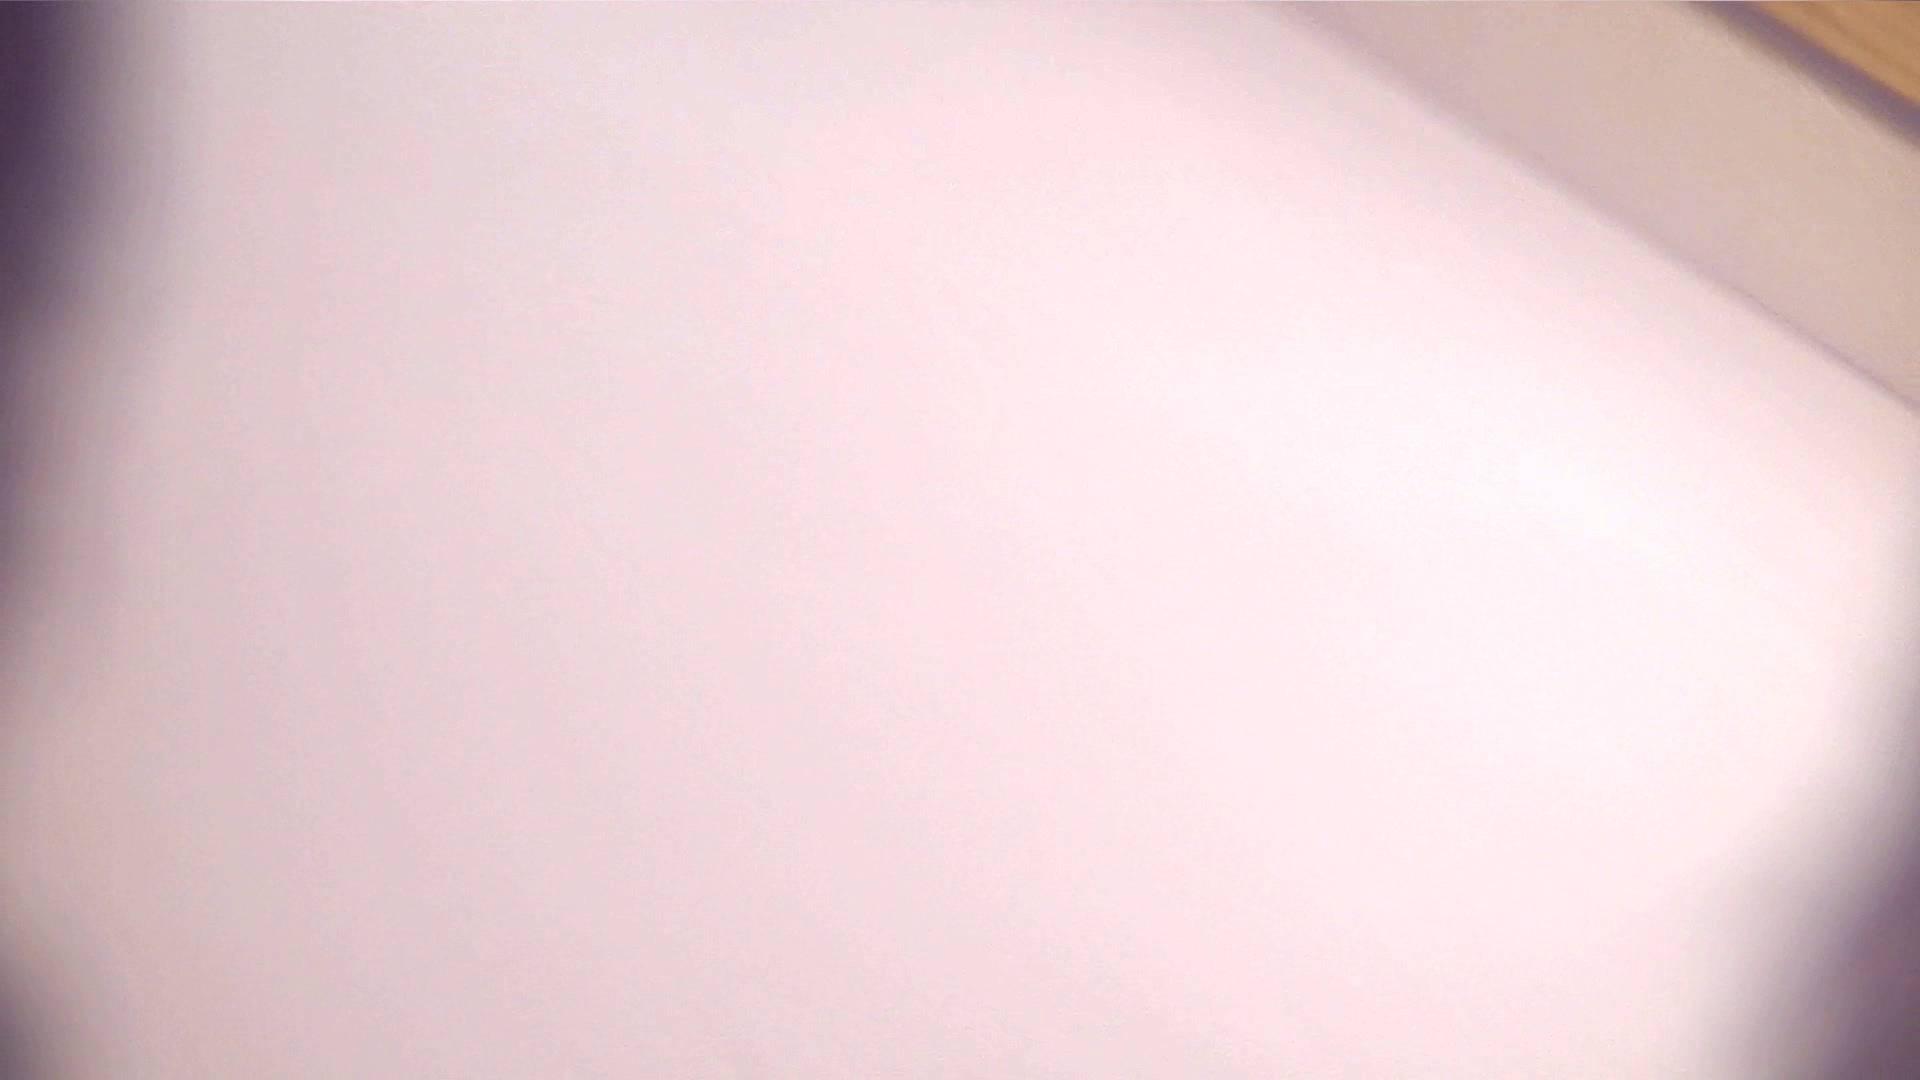 阿国ちゃんの「和式洋式七変化」No.9 ギャル達  98枚 24